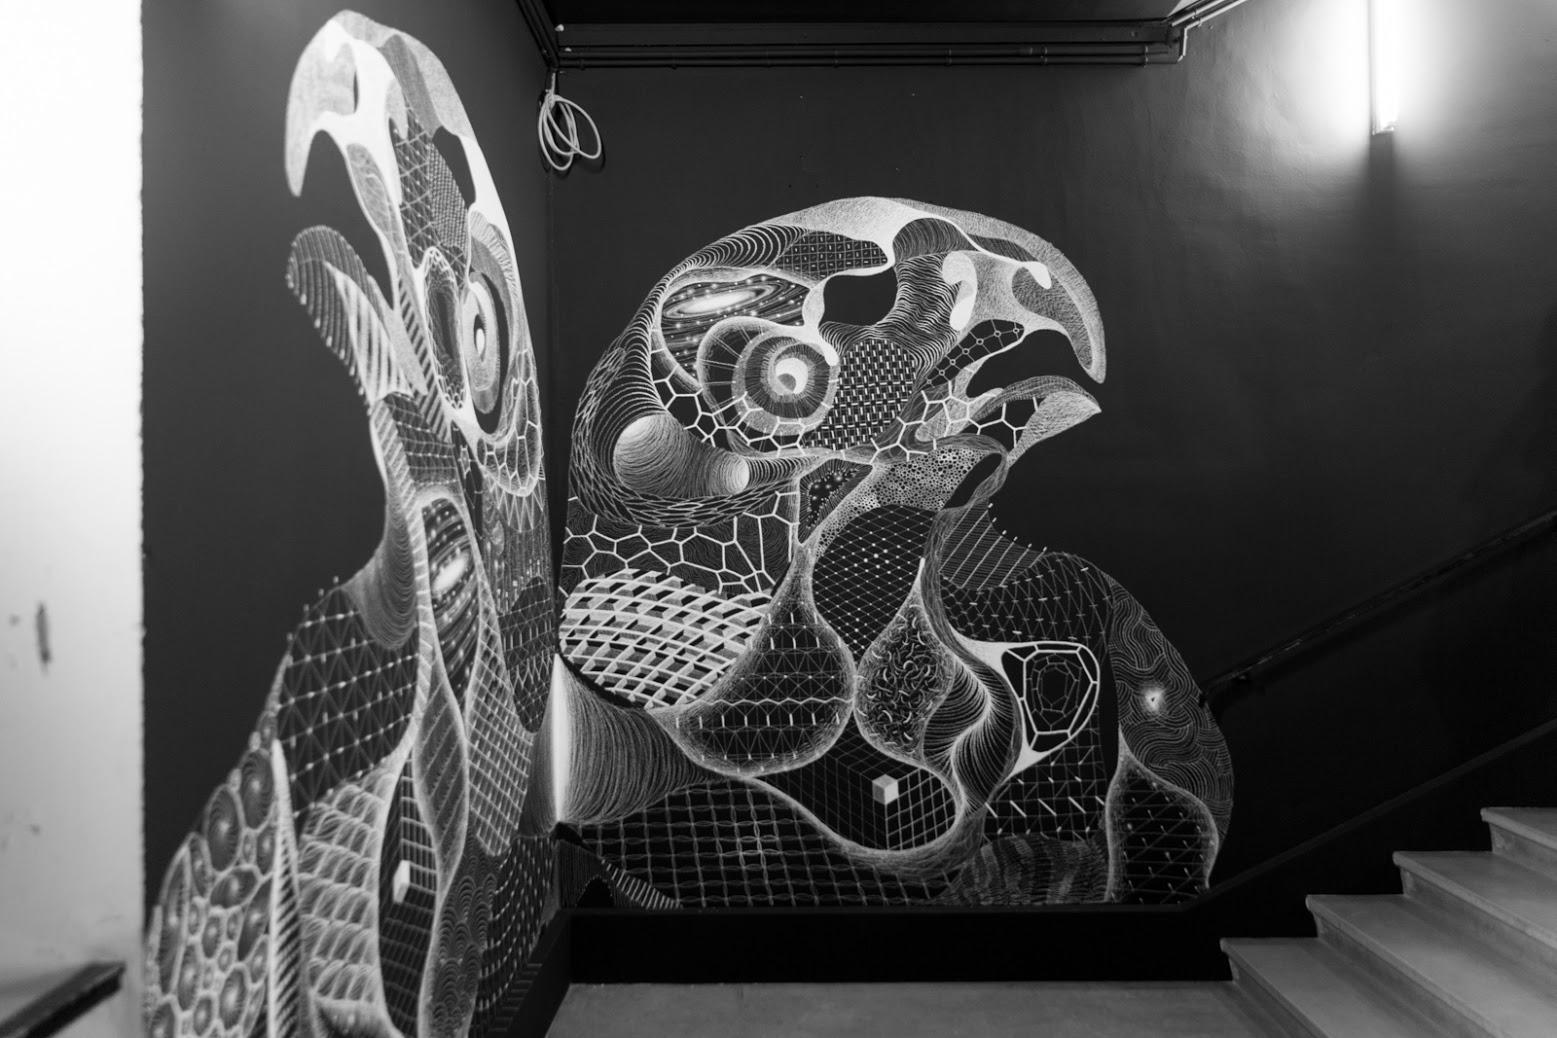 Baudelocque  Mathieu Chouchane 5jpg - Lasco Project, infiltration dans les souterrains du Palais de Tokyo